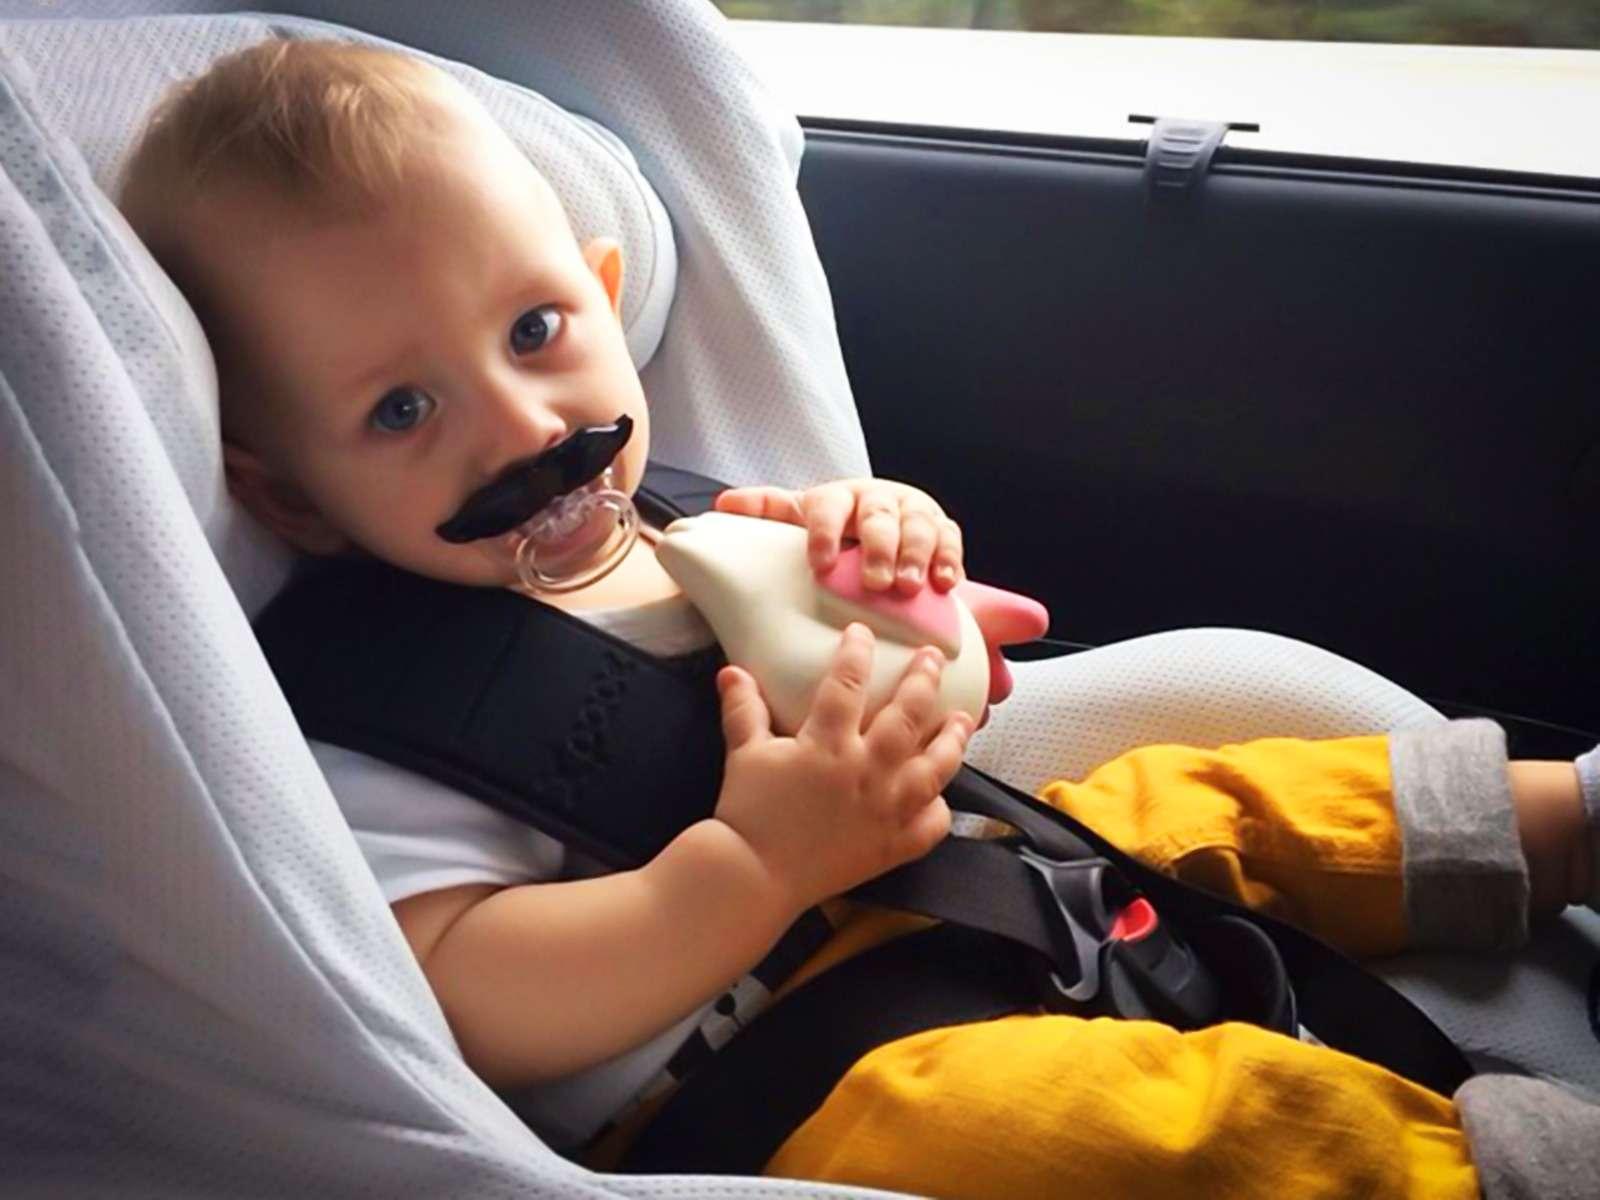 Авысвоего ребенка возите вавтокресле? Точно? Опрос ЗР